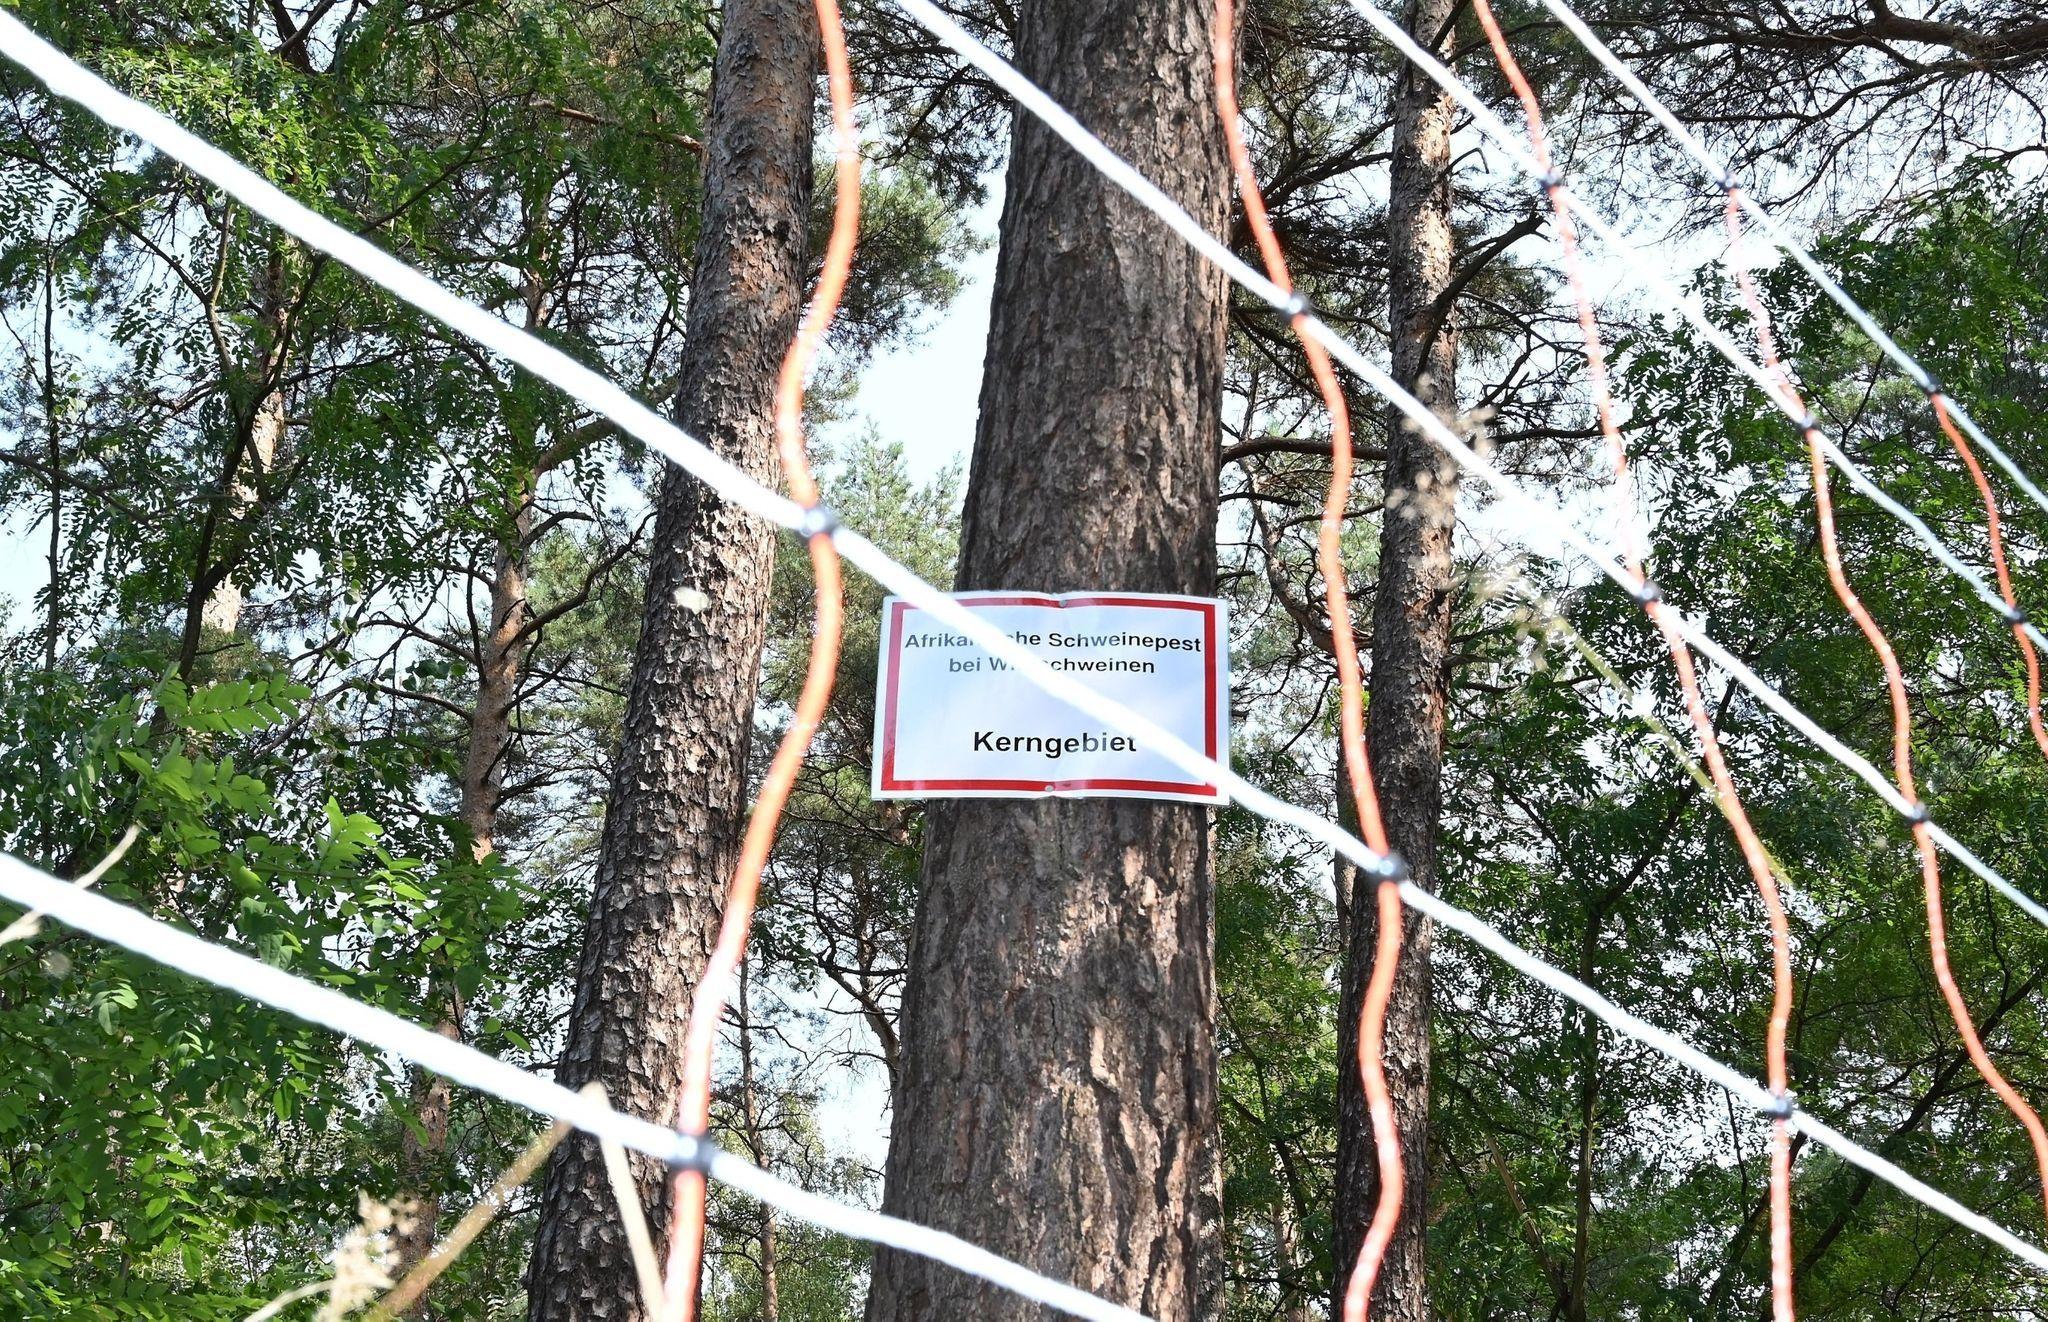 """Schild mit der Aufschrift """"Afrikanische Schweinepest bei Wildschweinen Kerngebiet"""": Die Afrikanische Schweinepest droht sich in Brandenburg auszubreiten. Foto: dpa"""